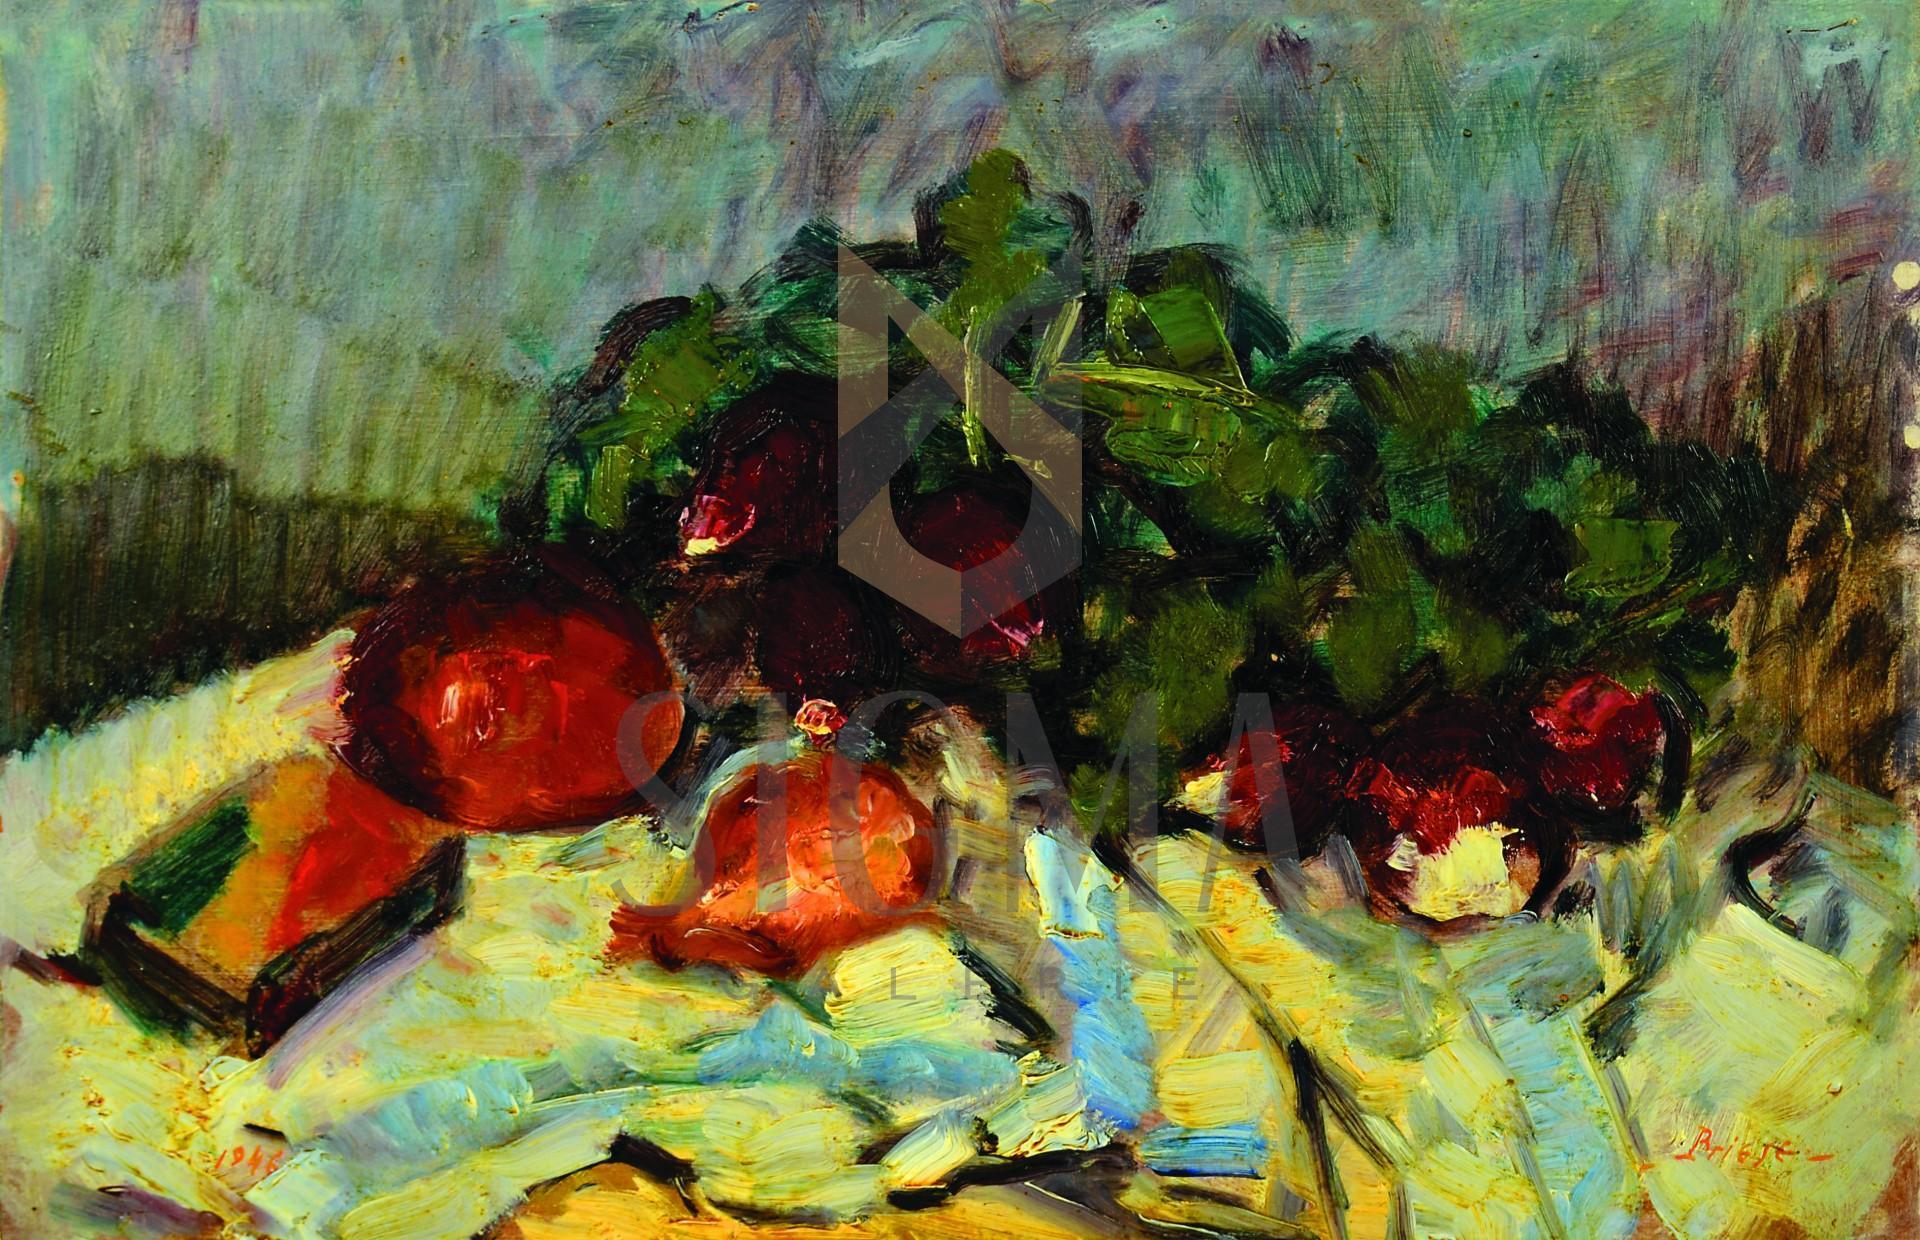 Tablou, OTTO BRIESE, Pe masă în bucătărie  ulei pe carton | 27 x 41,5 cm datat verso 1946 | semnat dreapta jos Briese